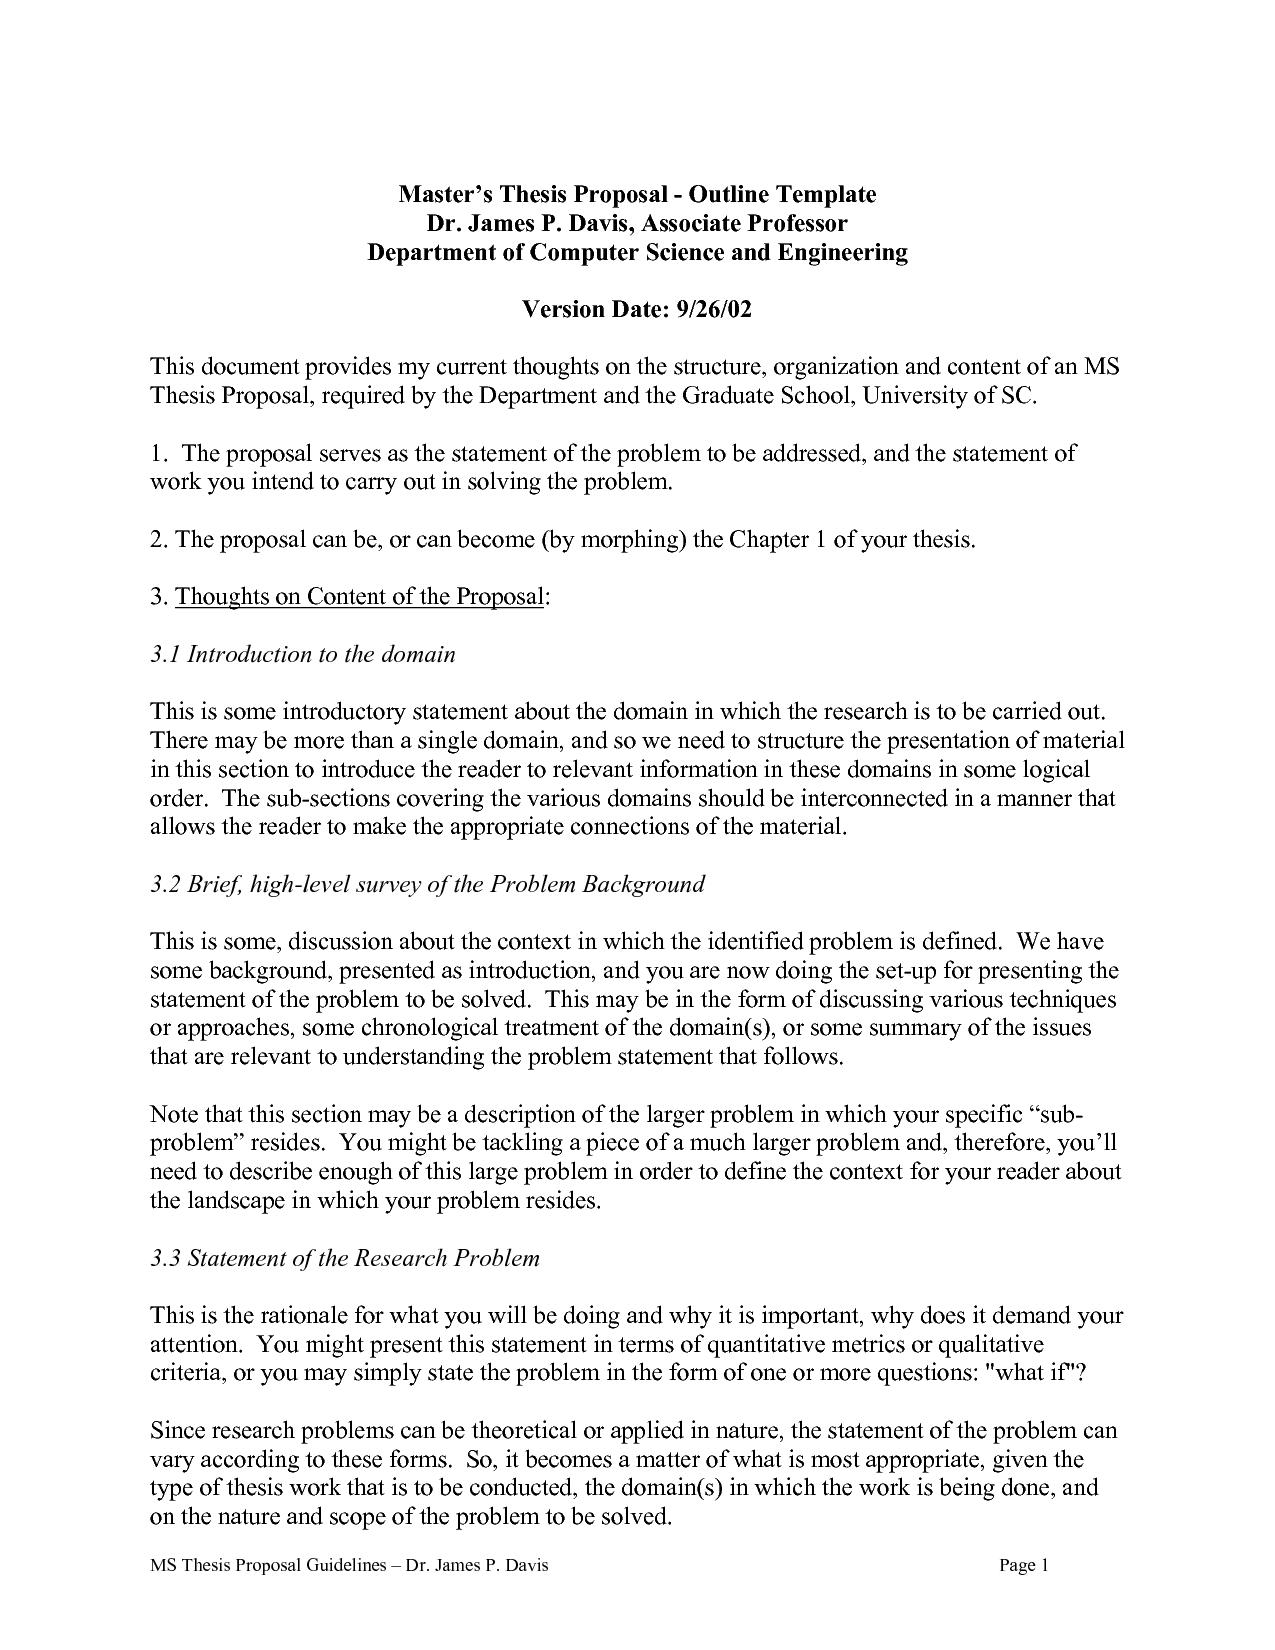 Informal Essay Outline Sample College Informal Outline For Essay